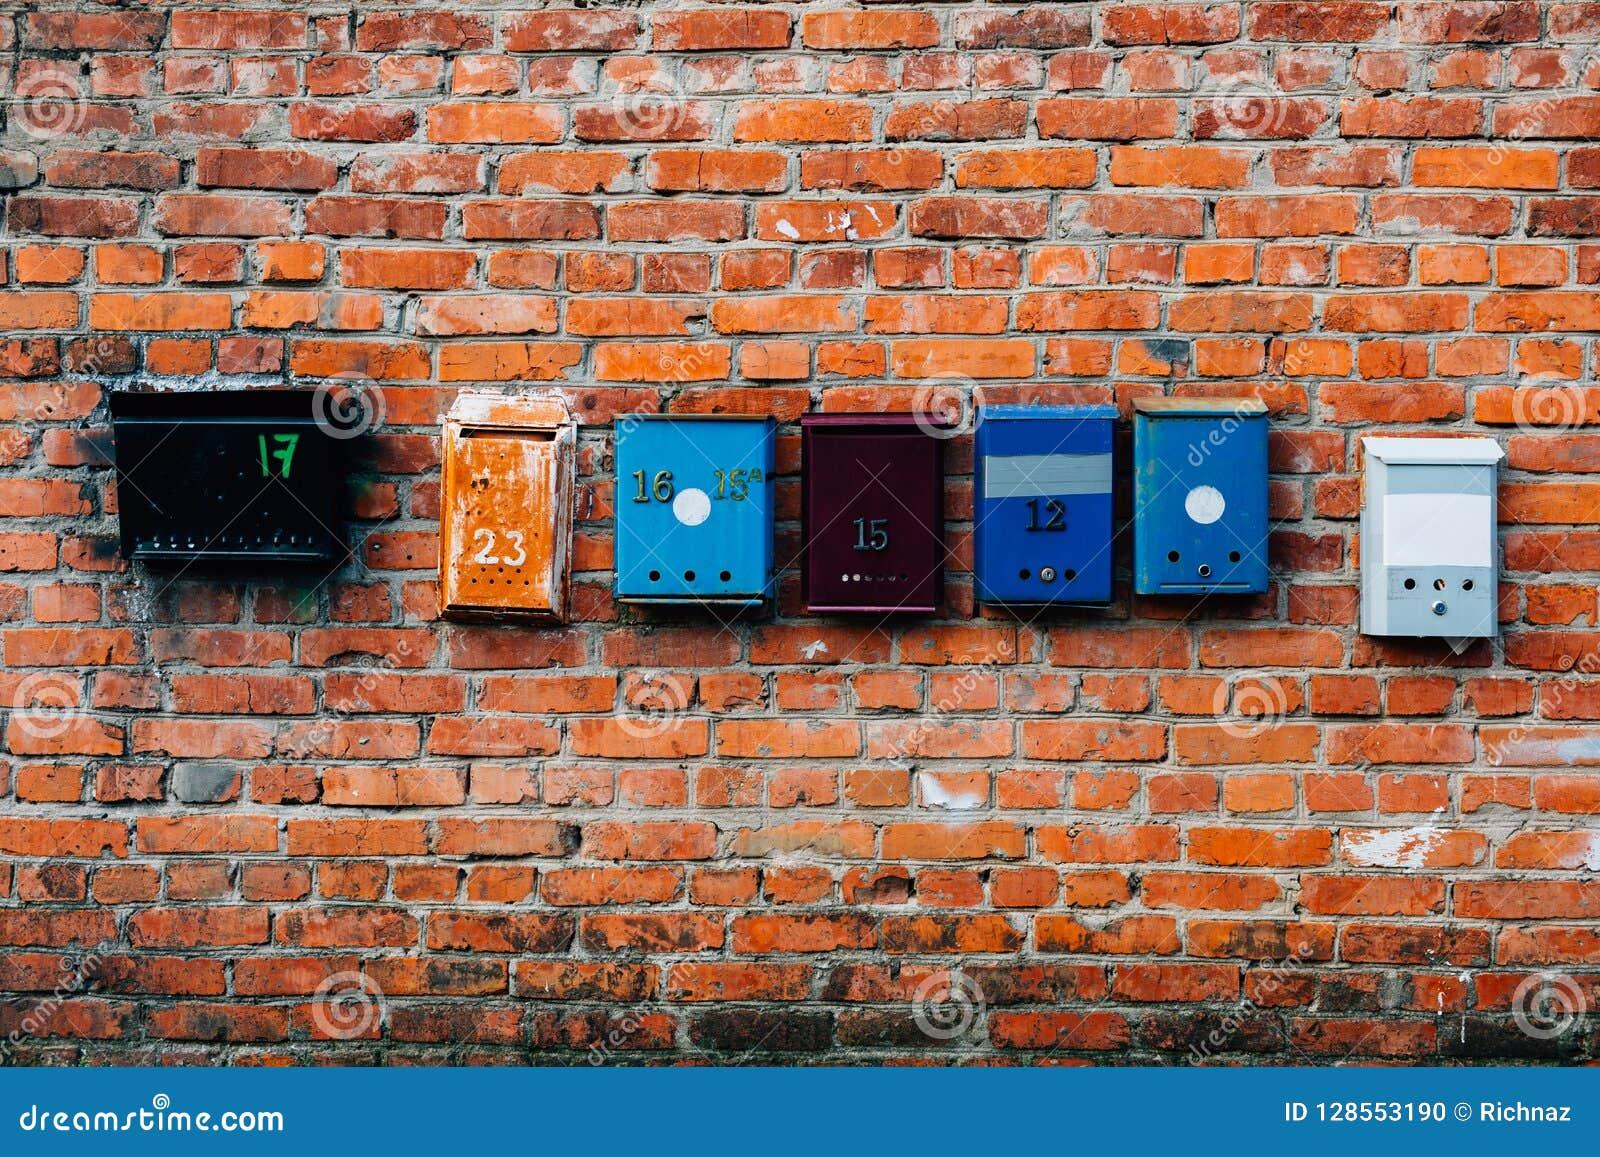 Briefkästen von verschiedenen Farben auf einer Backsteinmauer